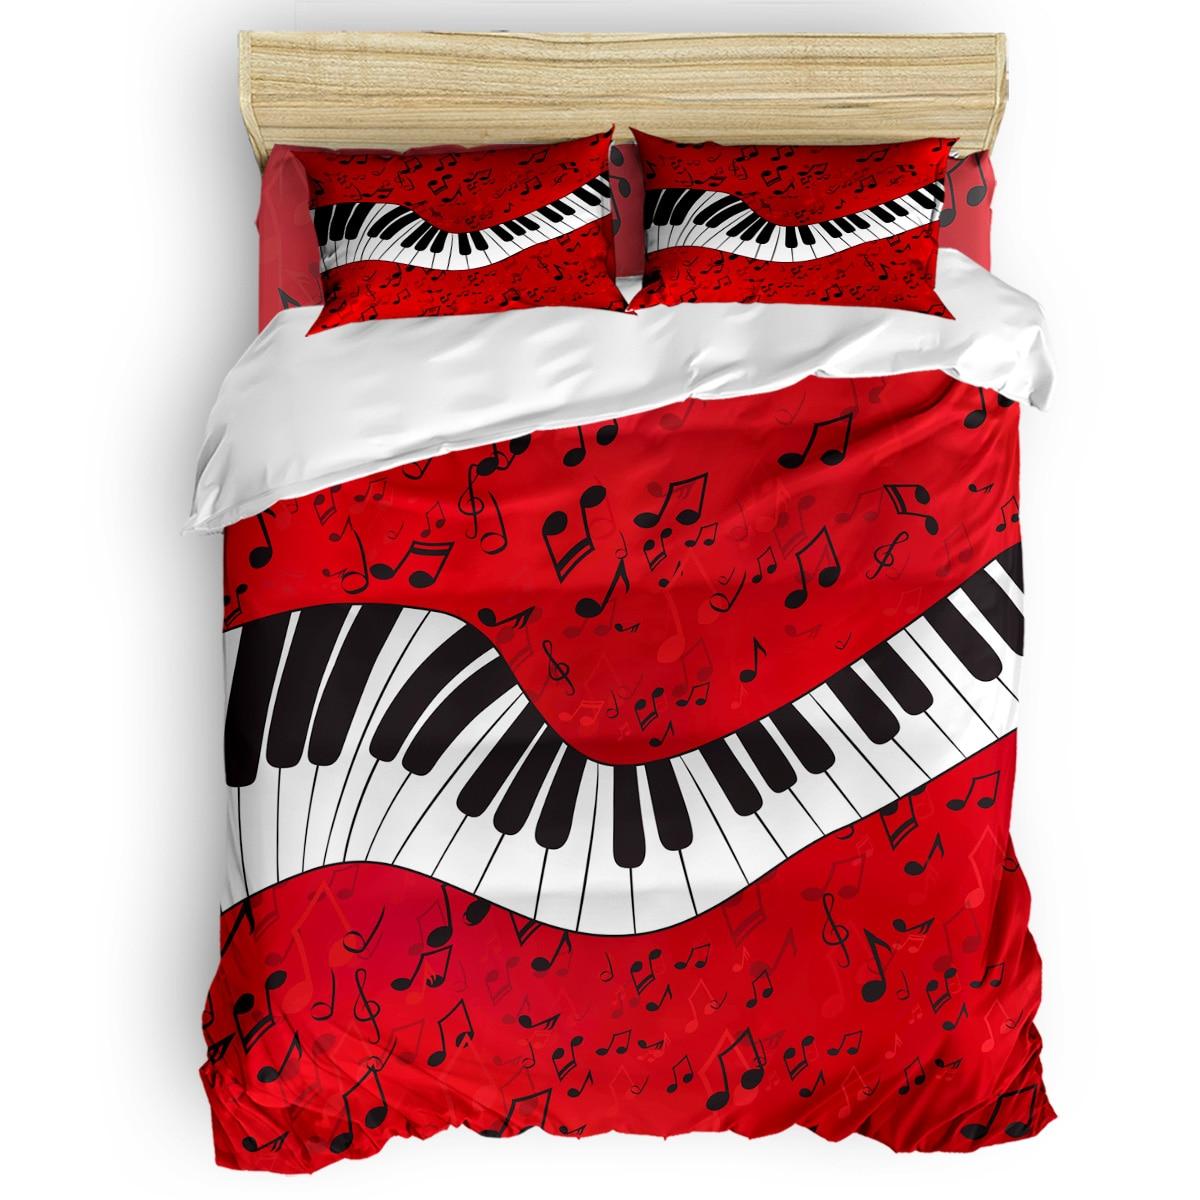 Piano Music Note Rode Achtergrond Dekbedovertrek Beddengoed Trooster Sets Pasen Zondag Memorial Day Vaderdag Microfiber Bloemen